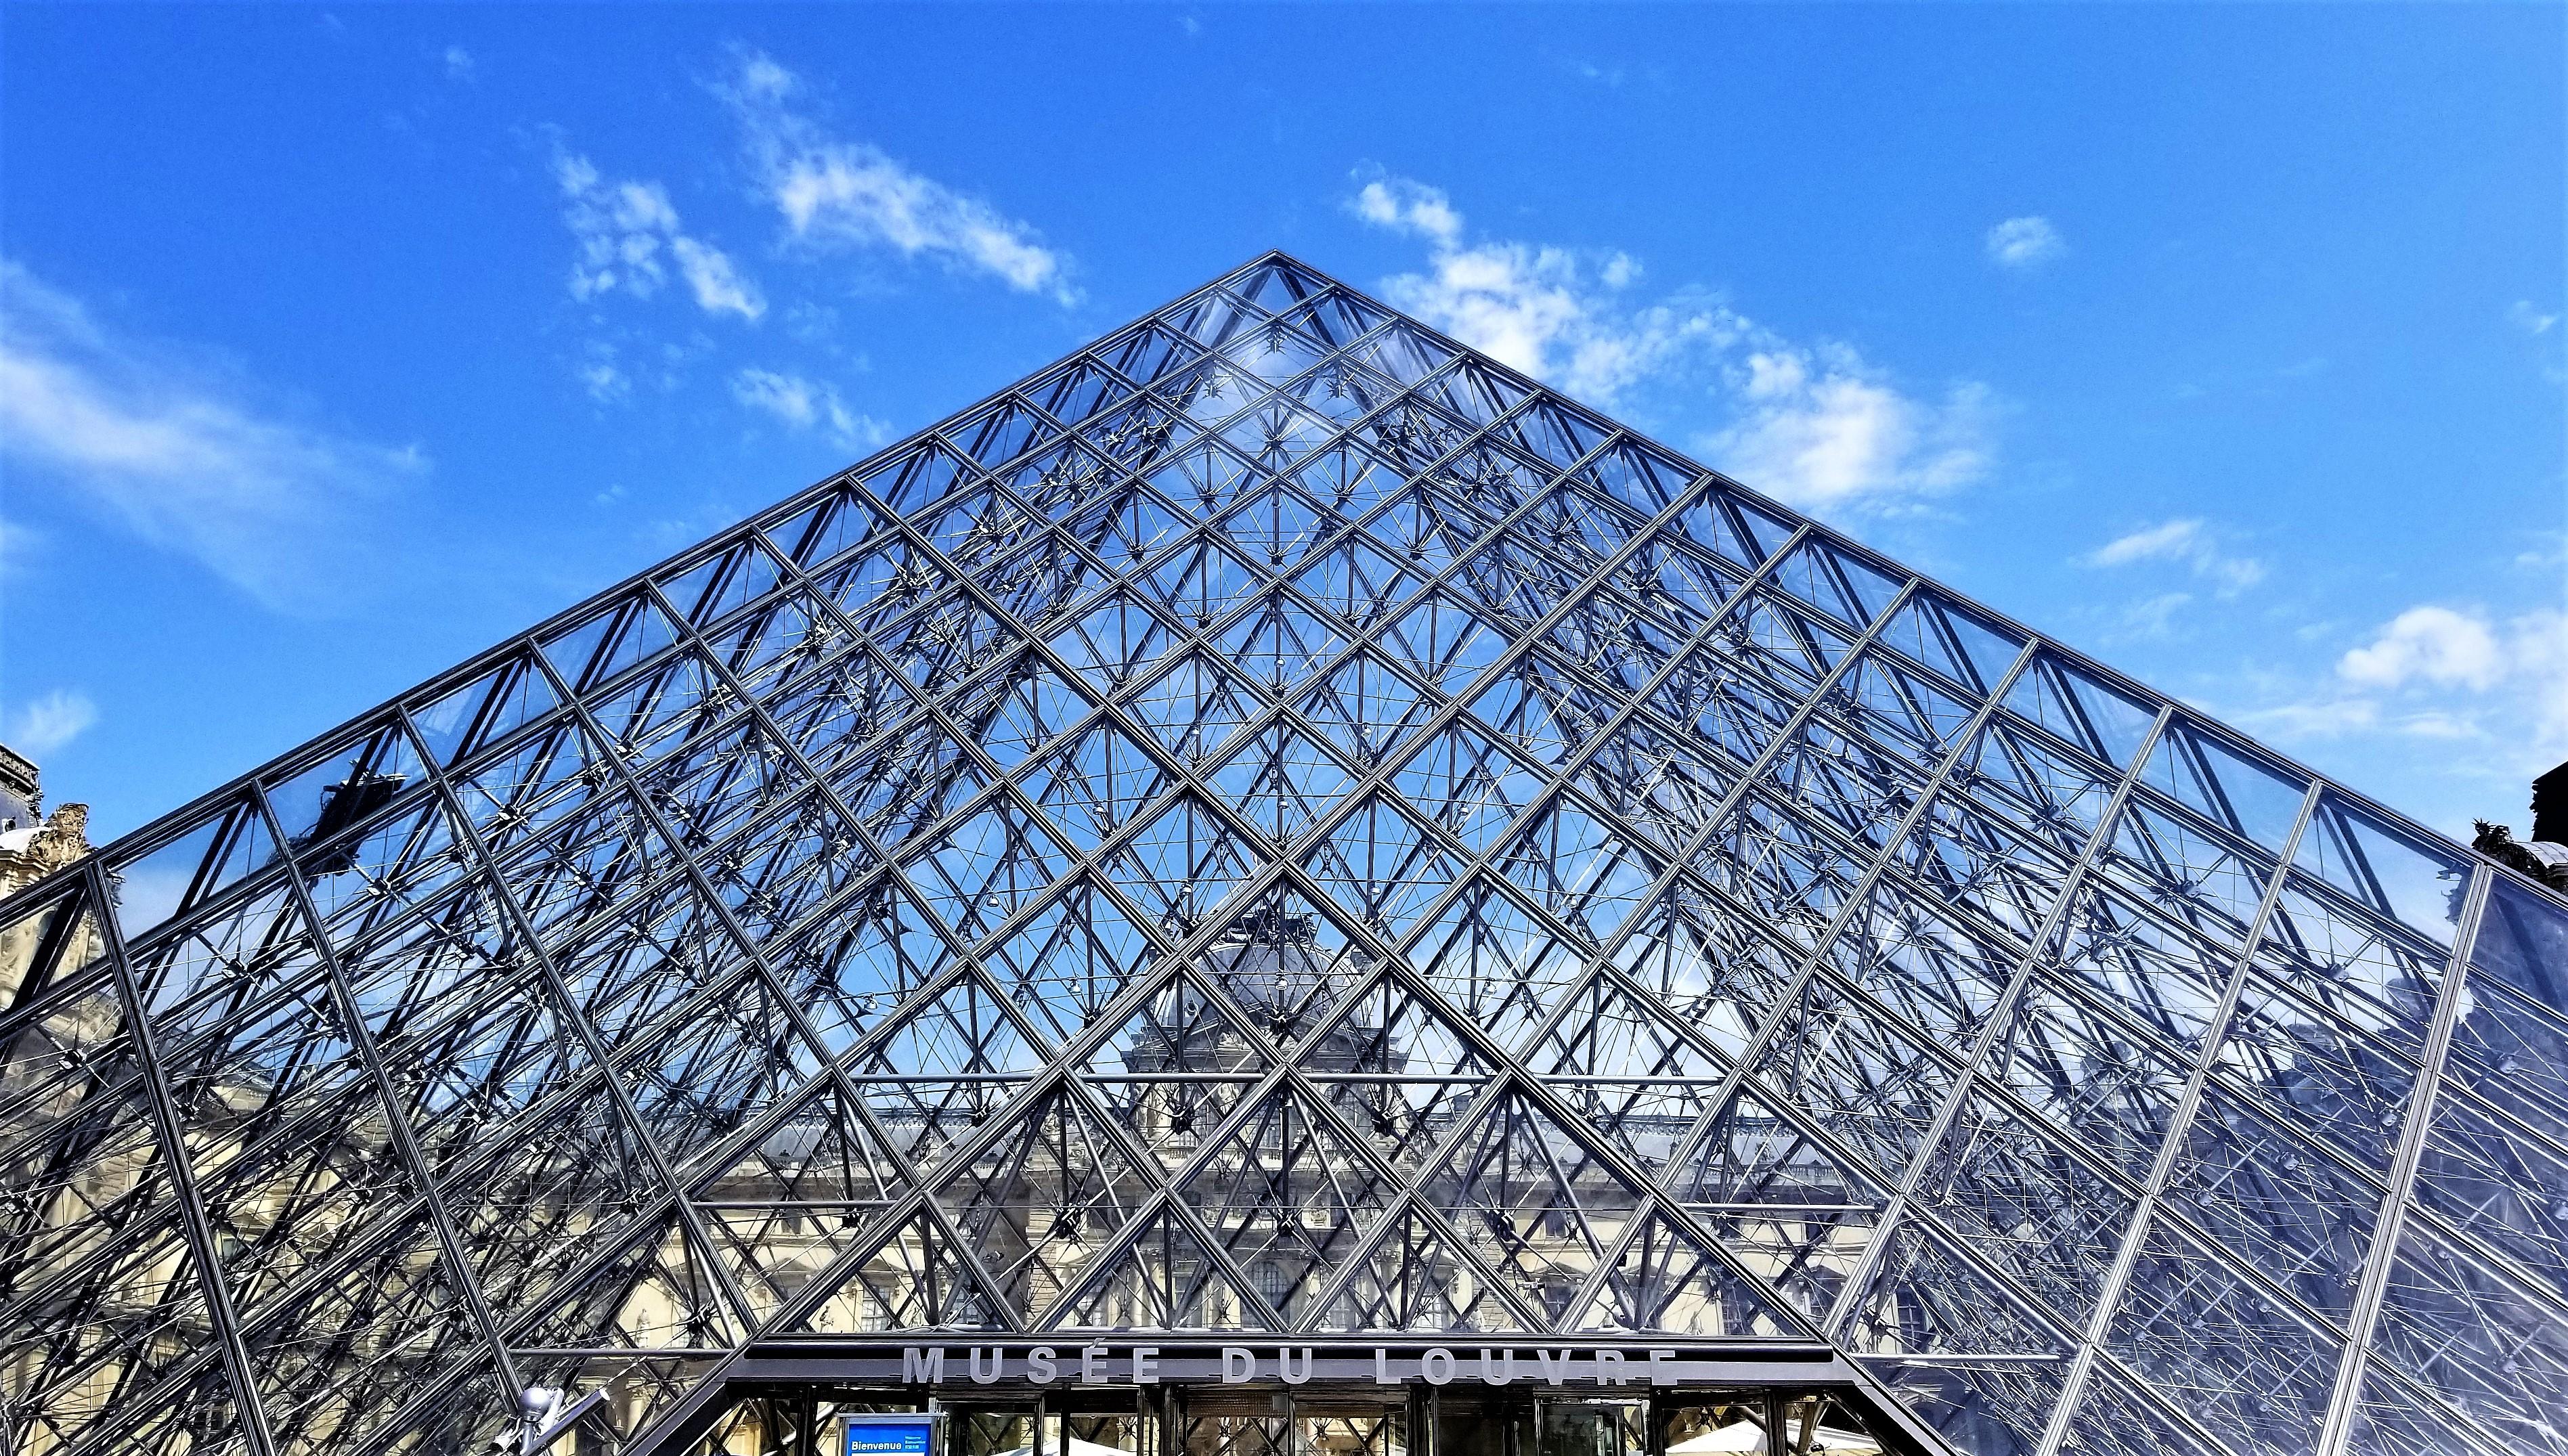 Musée du Louvre (Louvre Museum)